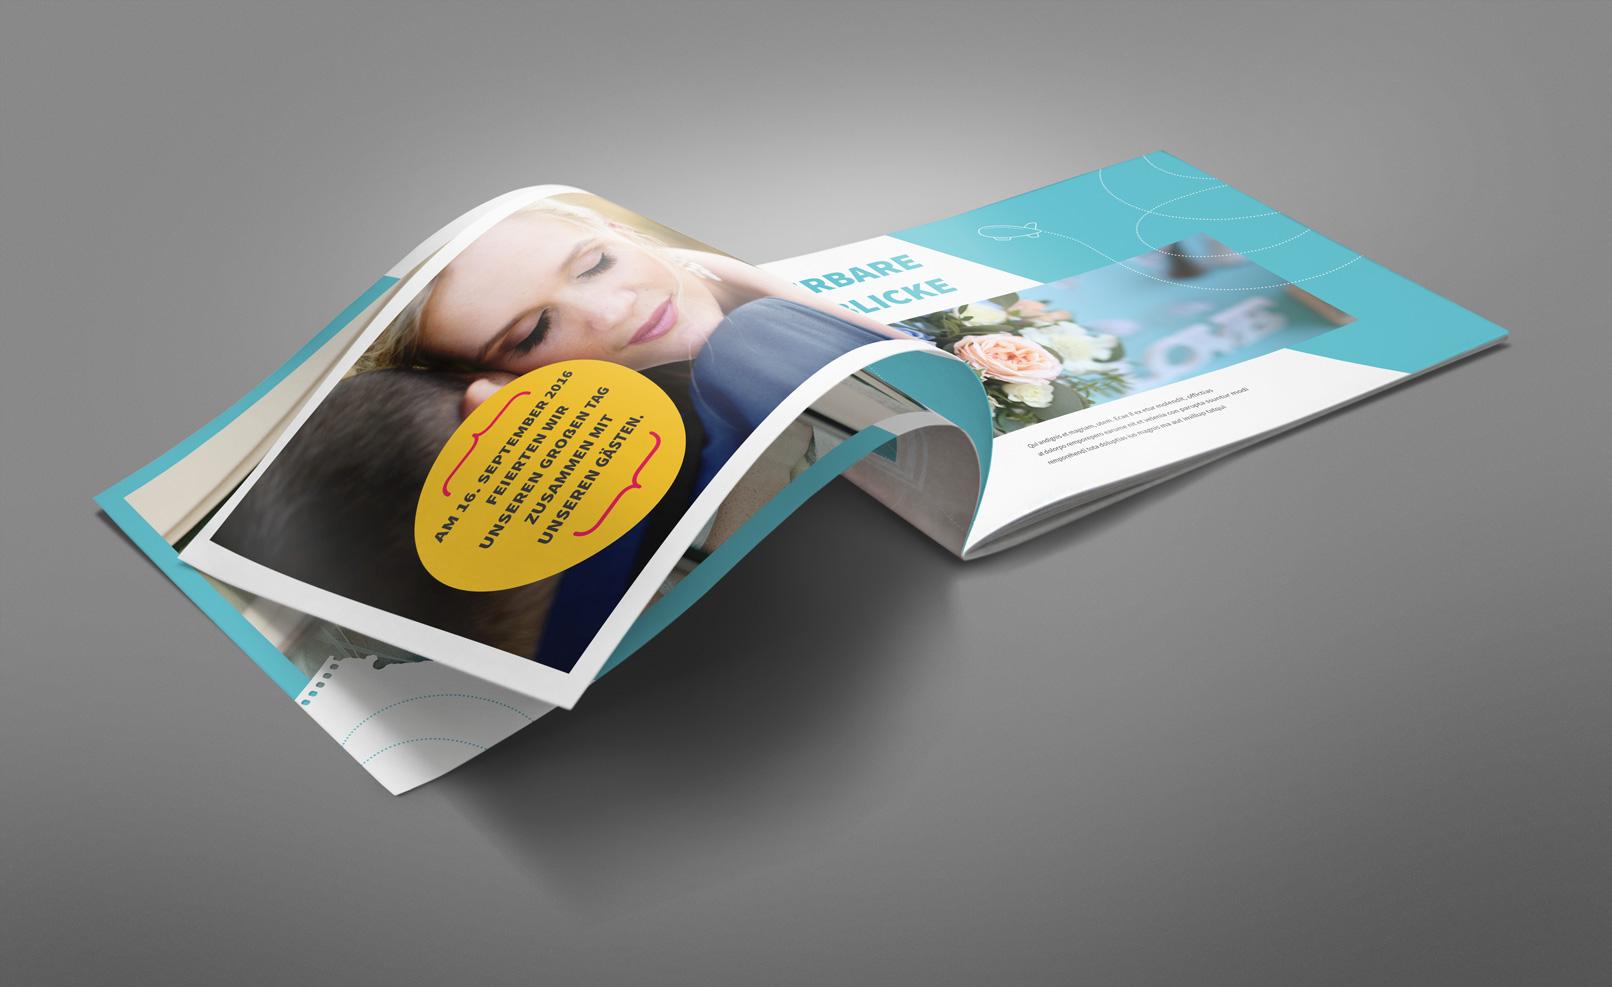 Mockup für eine Broschüre